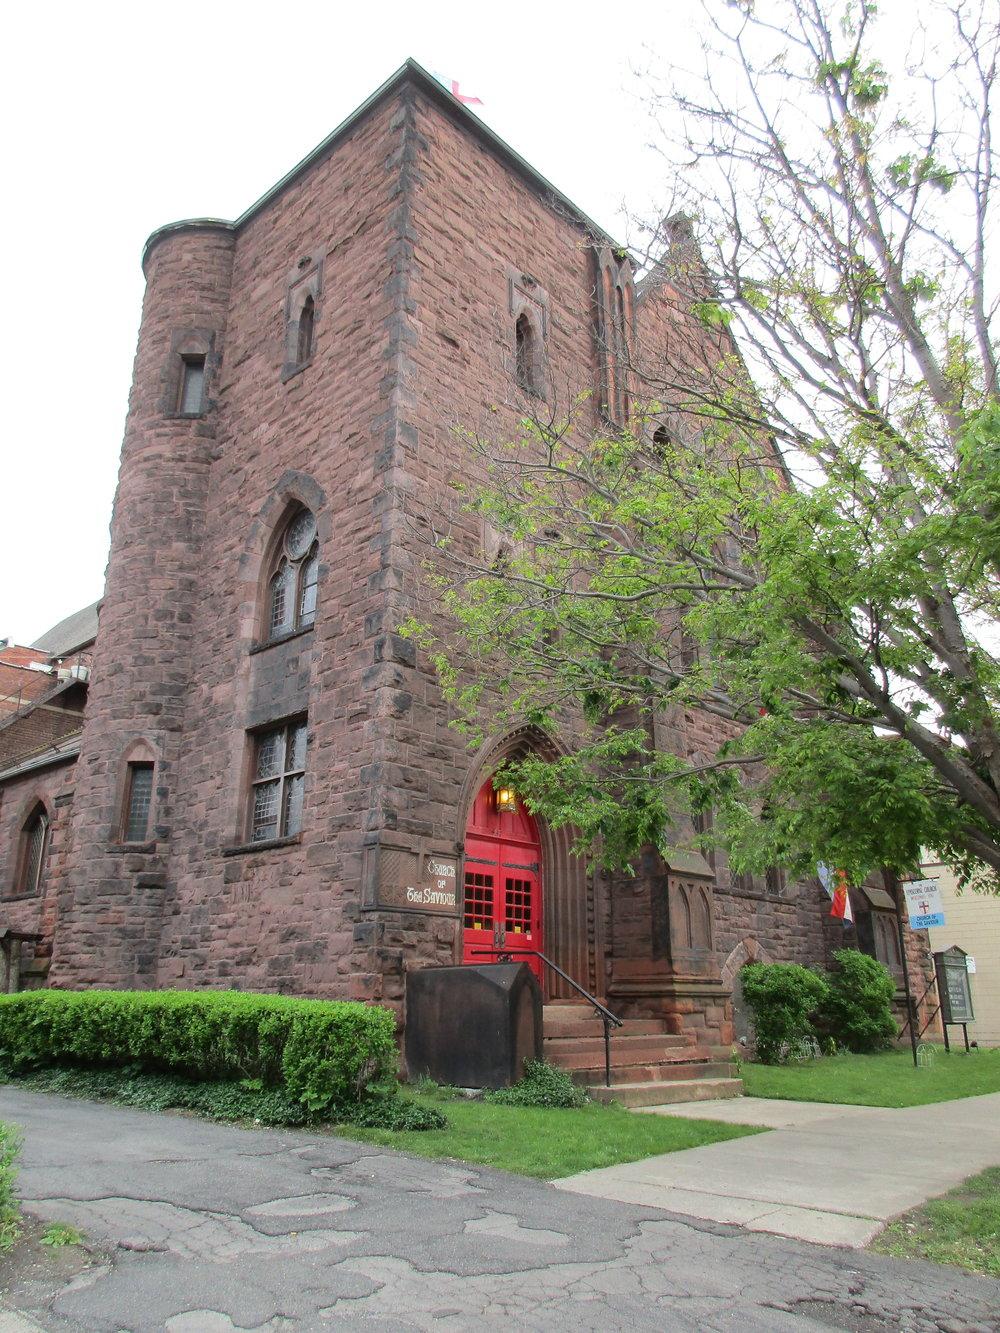 Church of the Saviour - 437 James Street